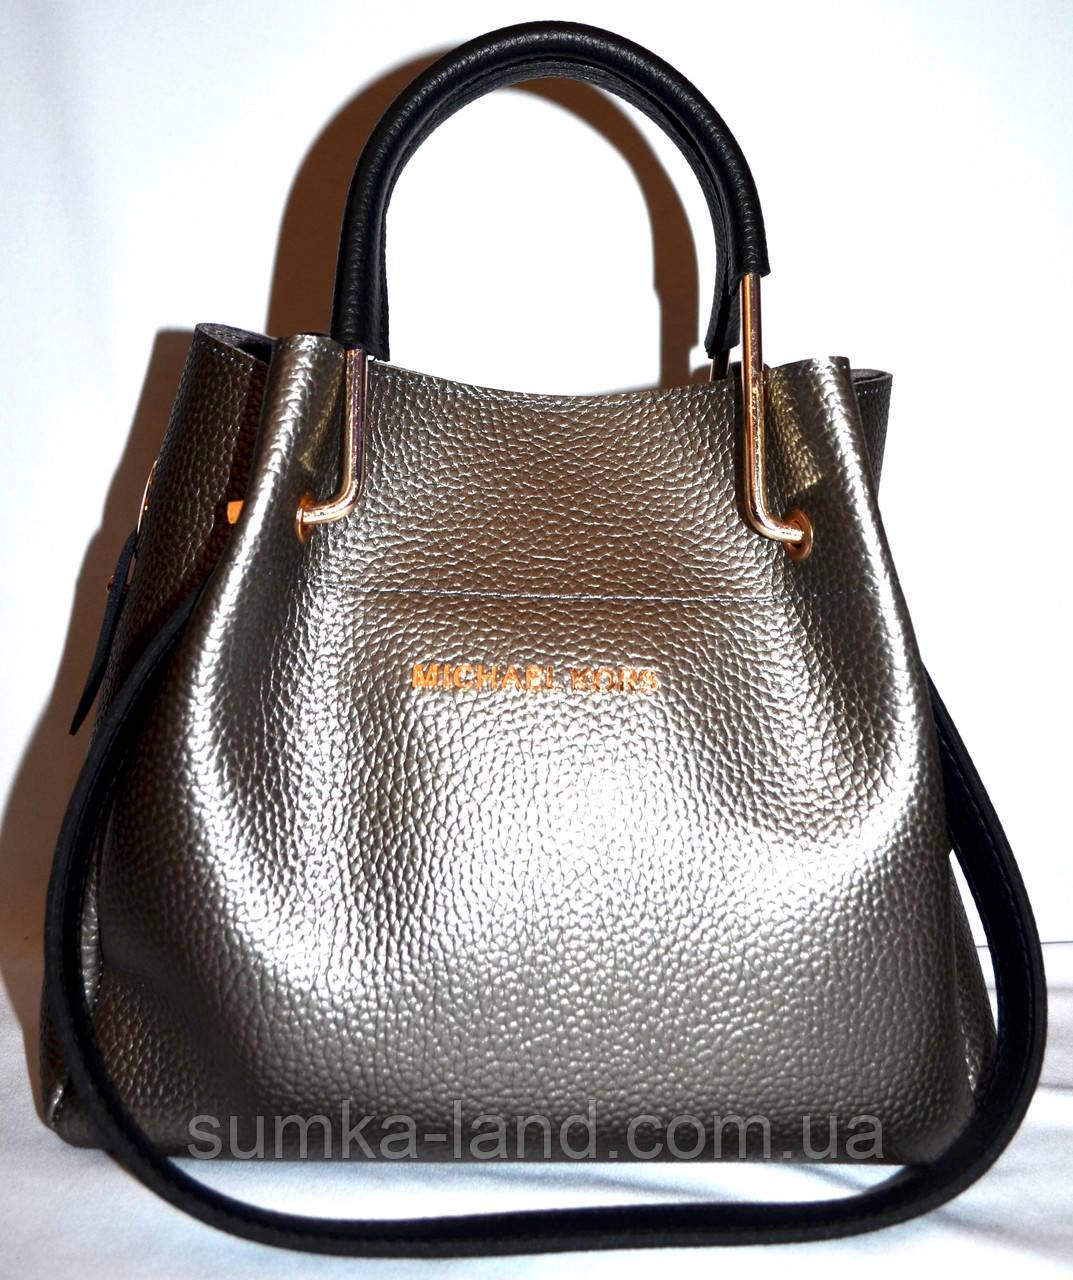 dd238ffd6274 Женская элитная сумка серебро с черными ручками 28*26: продажа, цена ...